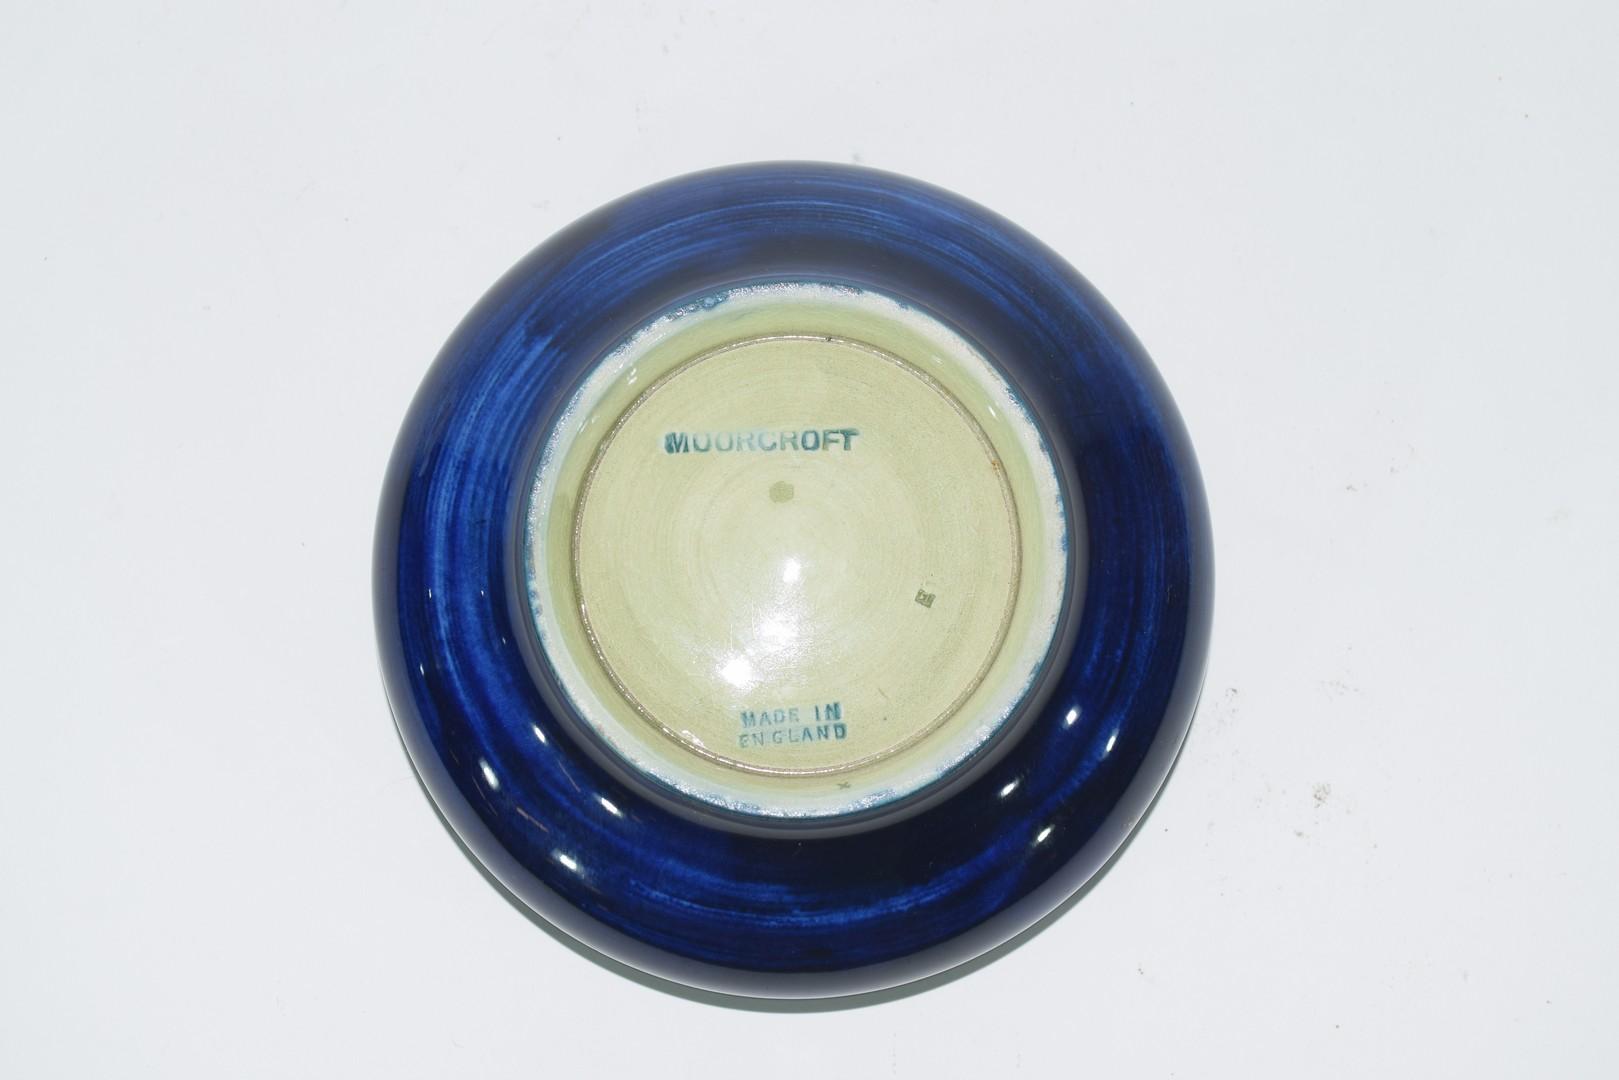 Small Moorcroft pin dish - Image 4 of 5